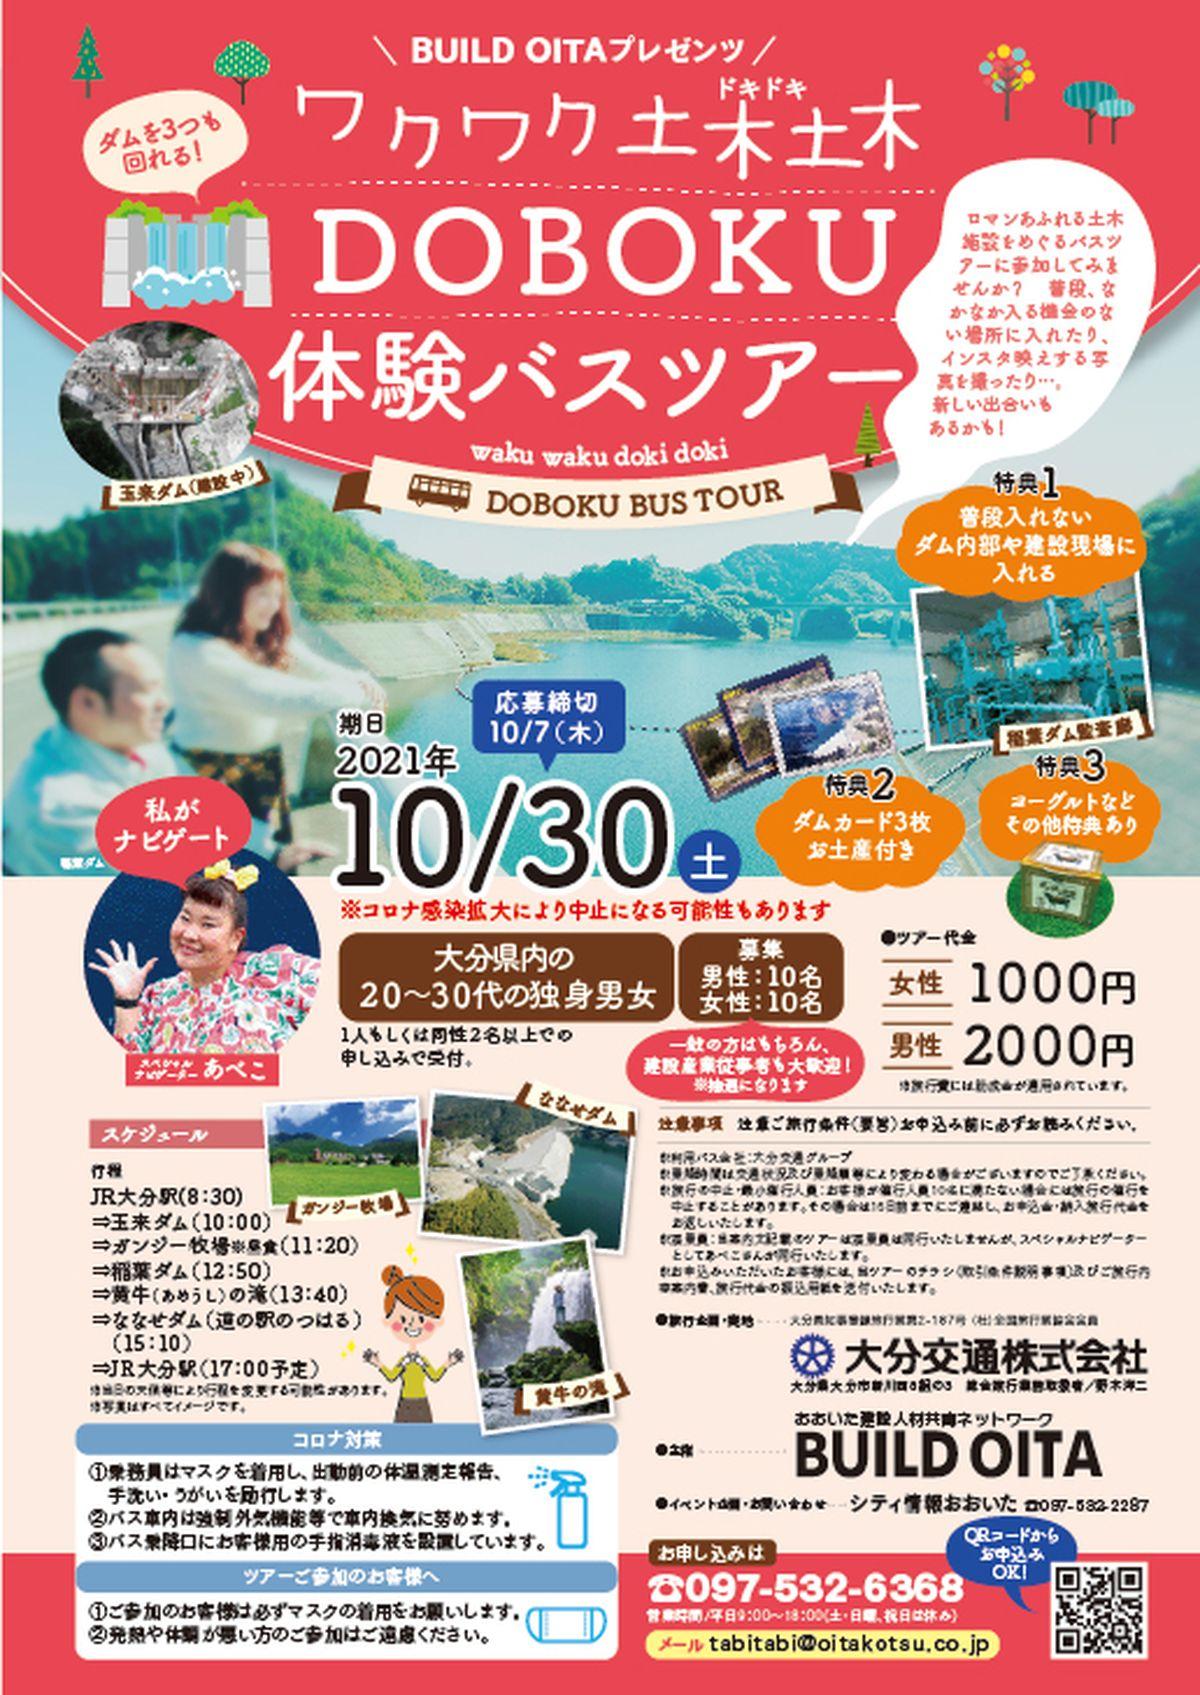 ダムをめぐるワクワク土木土木(ドキドキ) DOBOKU体験ツアー